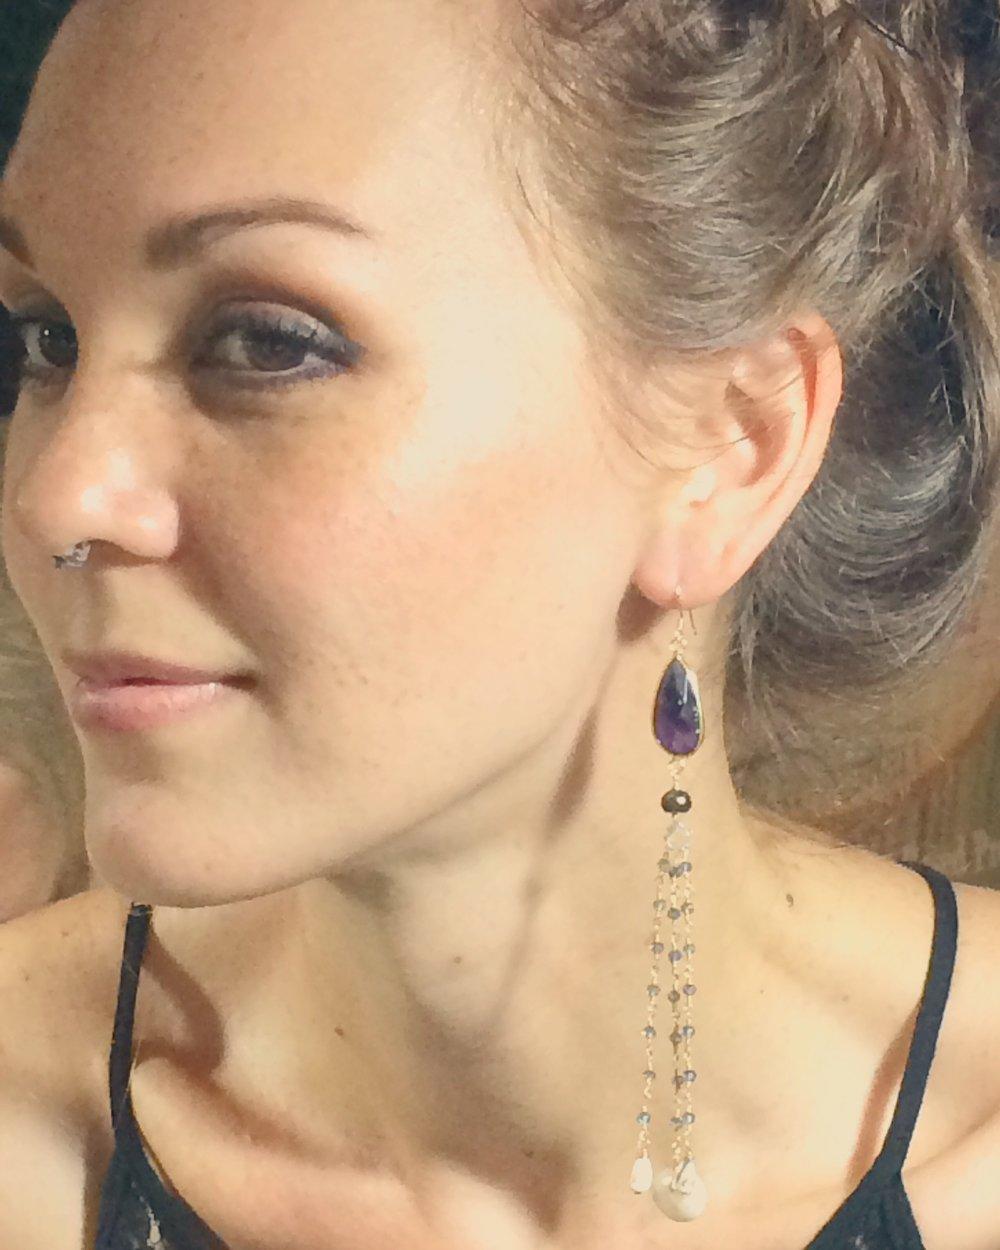 Sarah+Lou+earrings+in+amethyst+gold+filled.jpg